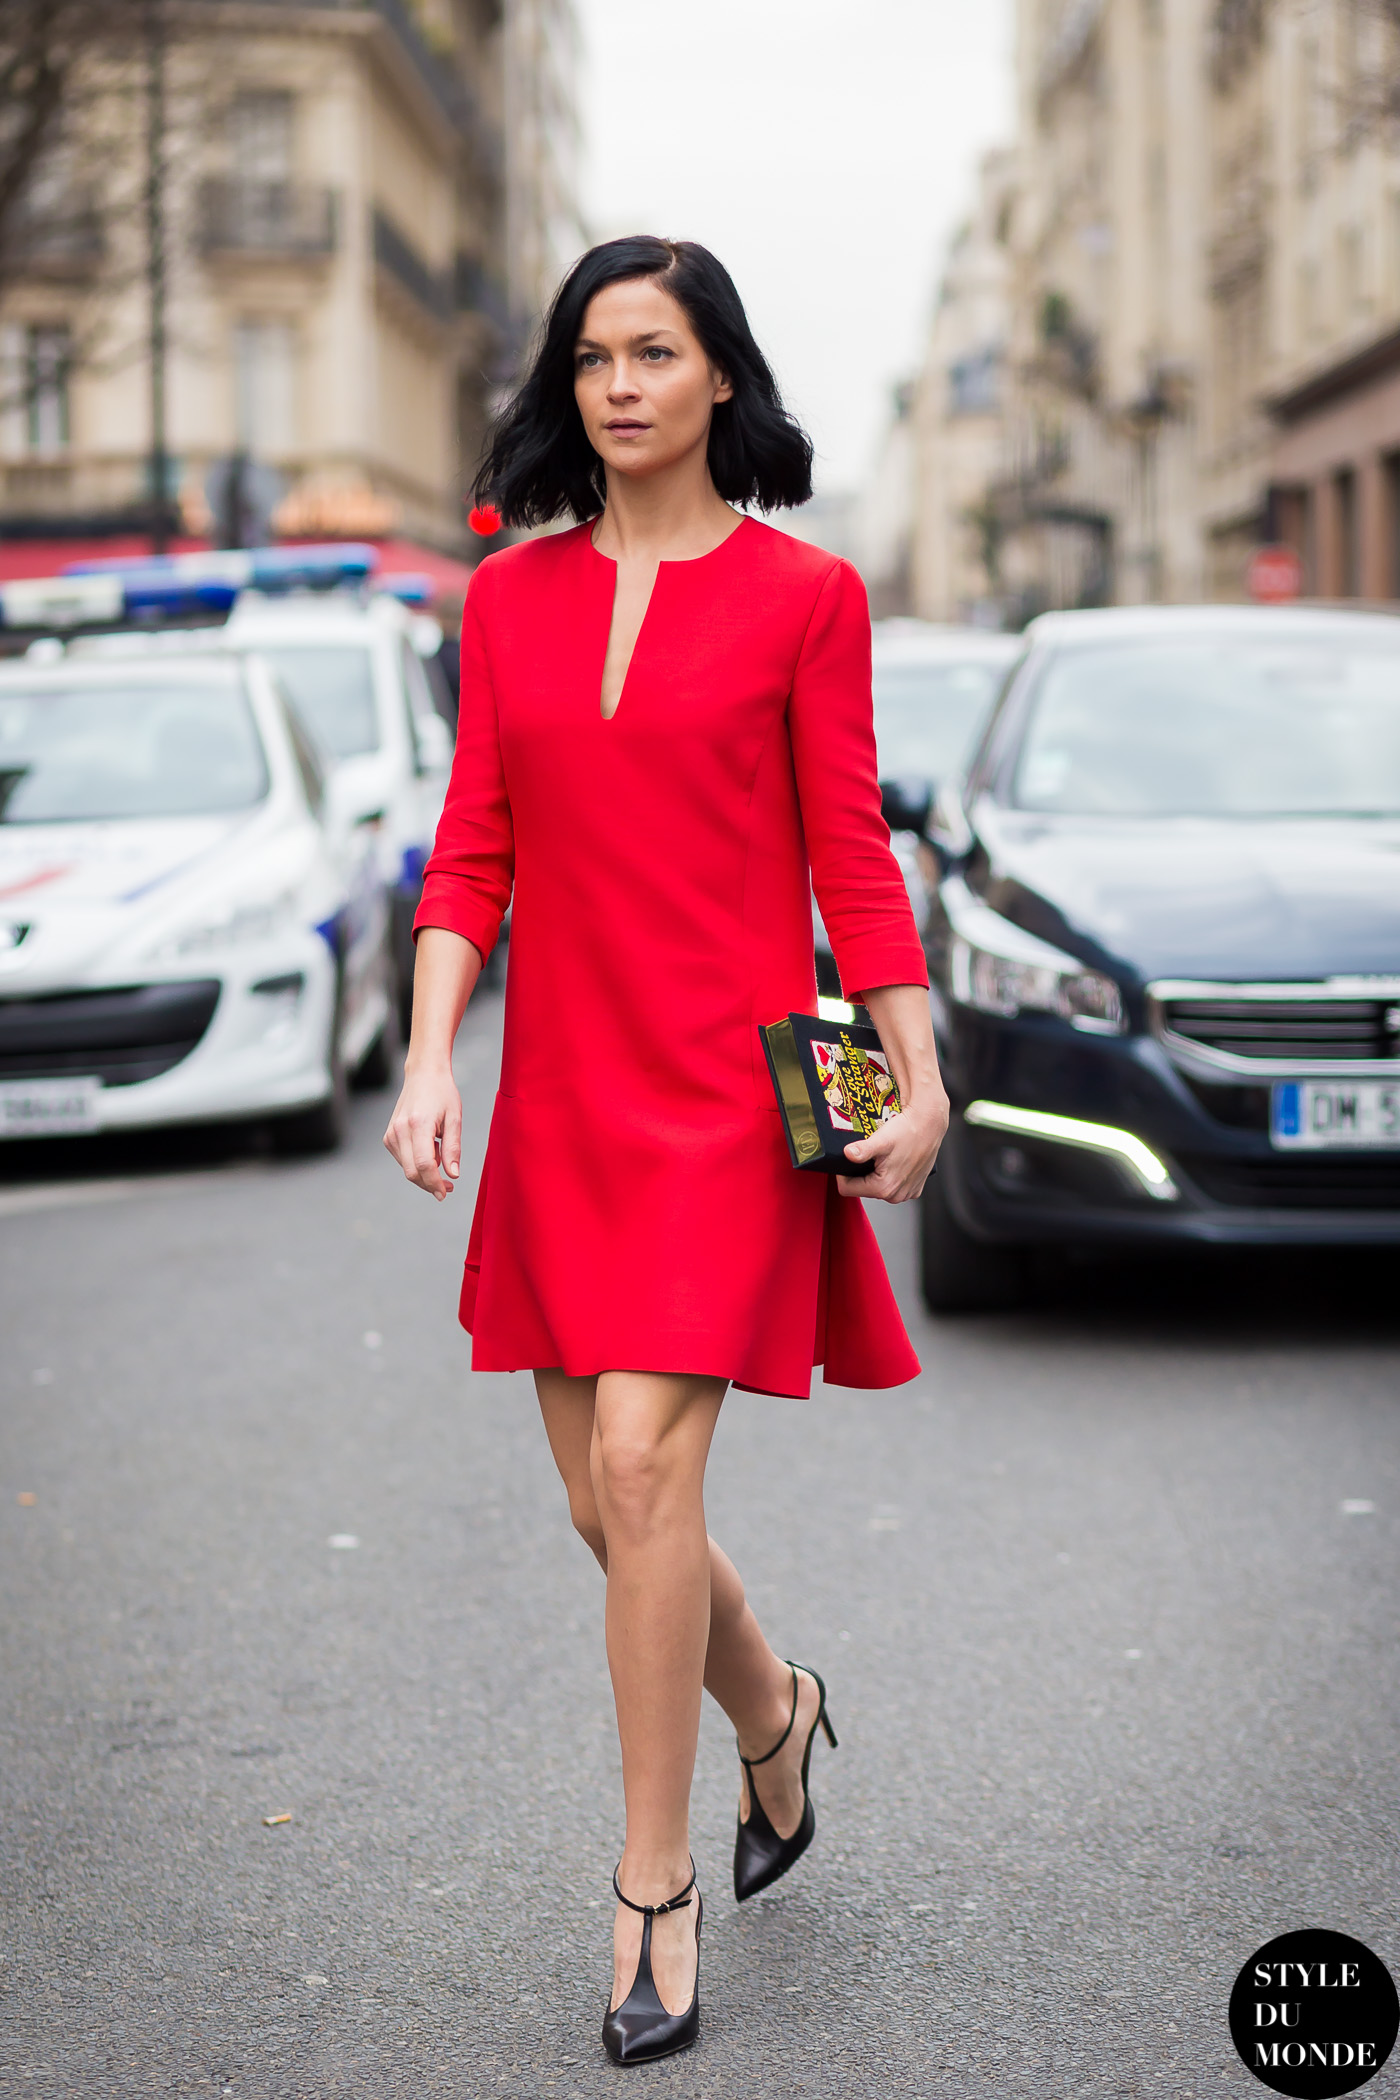 Paris Fashion Week Fw 2015 Street Style Leigh Lezark Style Du Monde Street Style Street